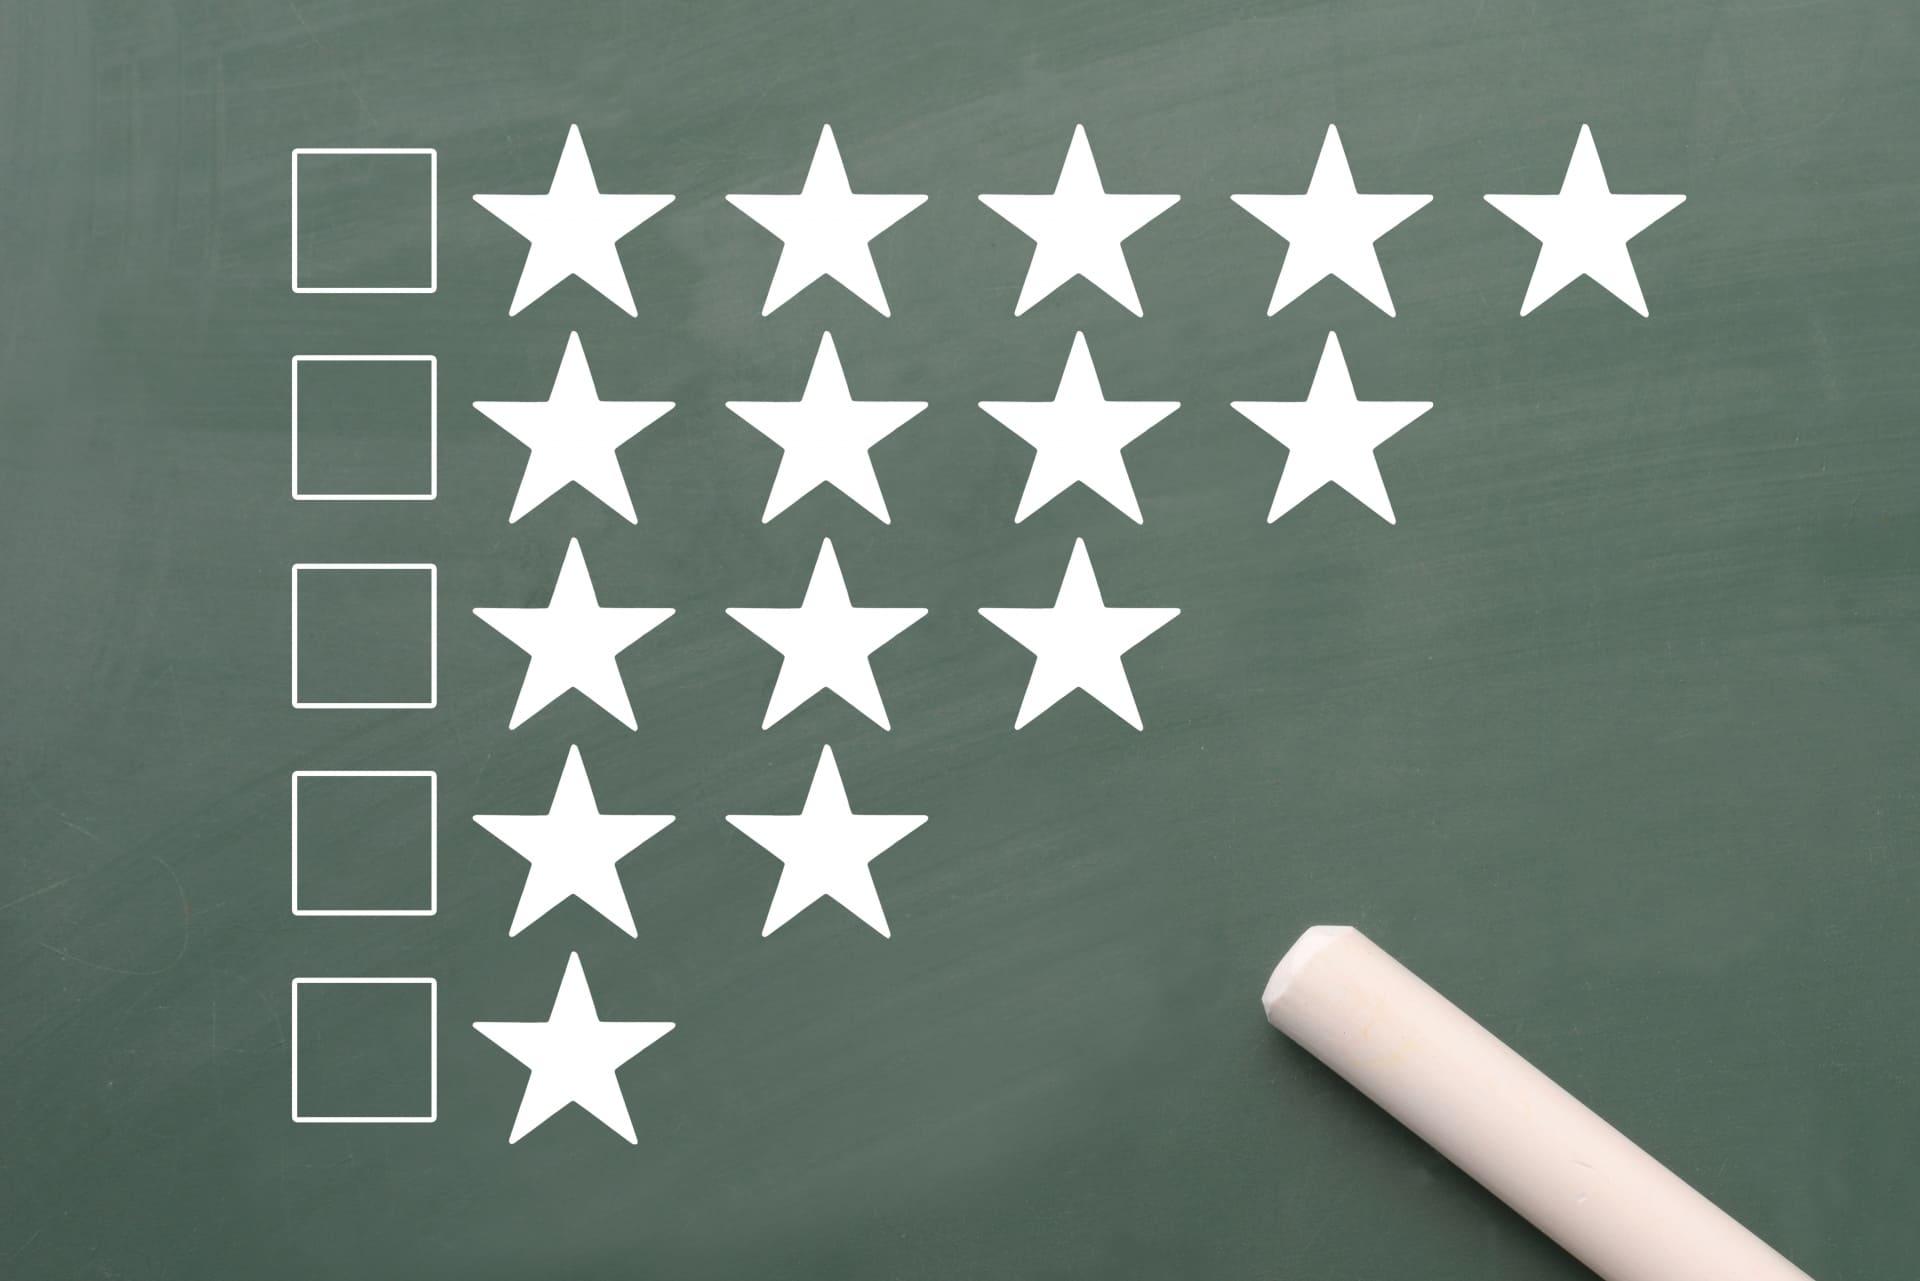 比較,評価,評判のイメージ